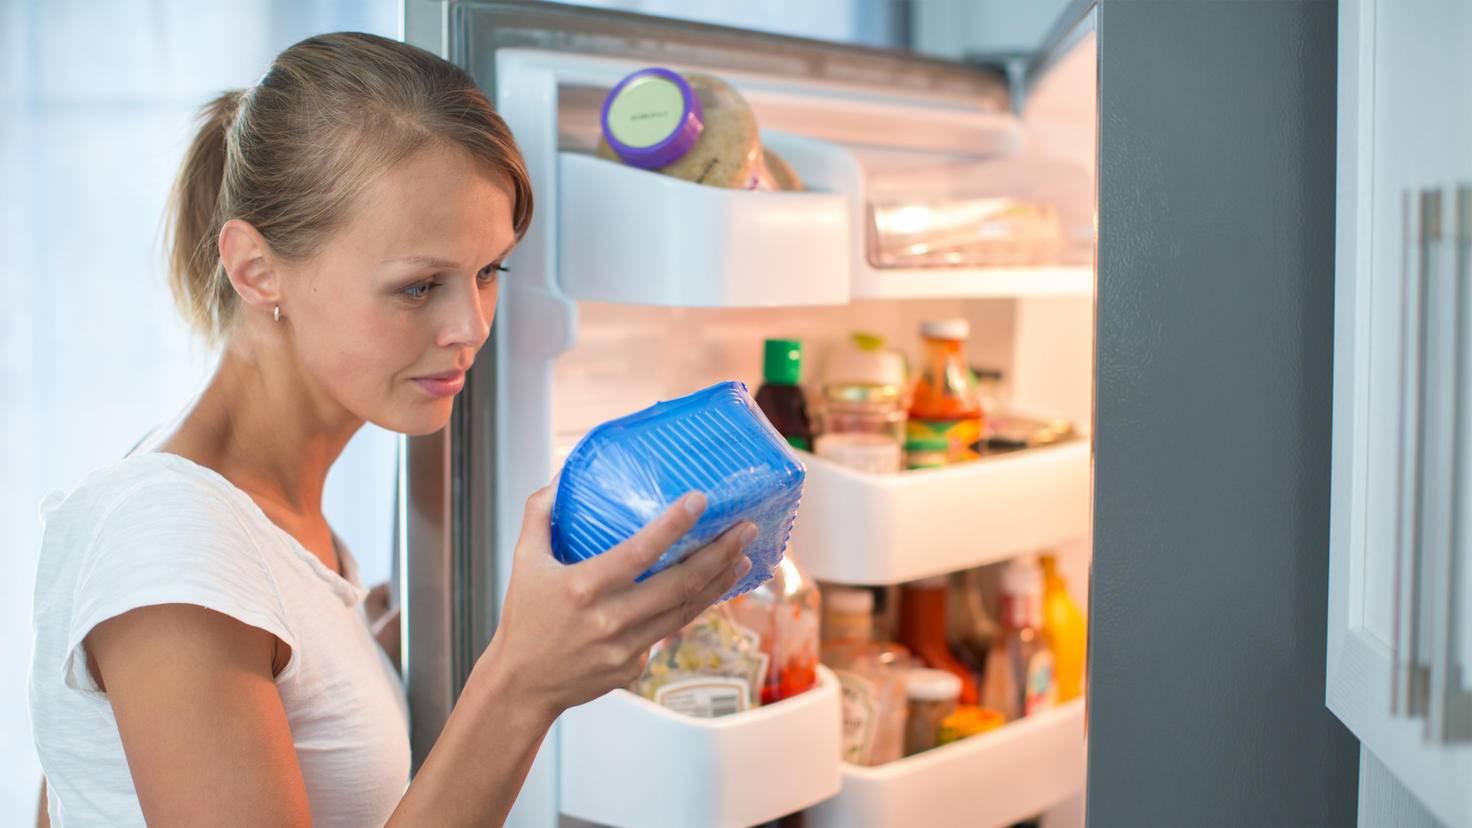 Lebensmittel, die in der 0-Grad-Zone aufbewahrt werden, bleiben länger frisch.